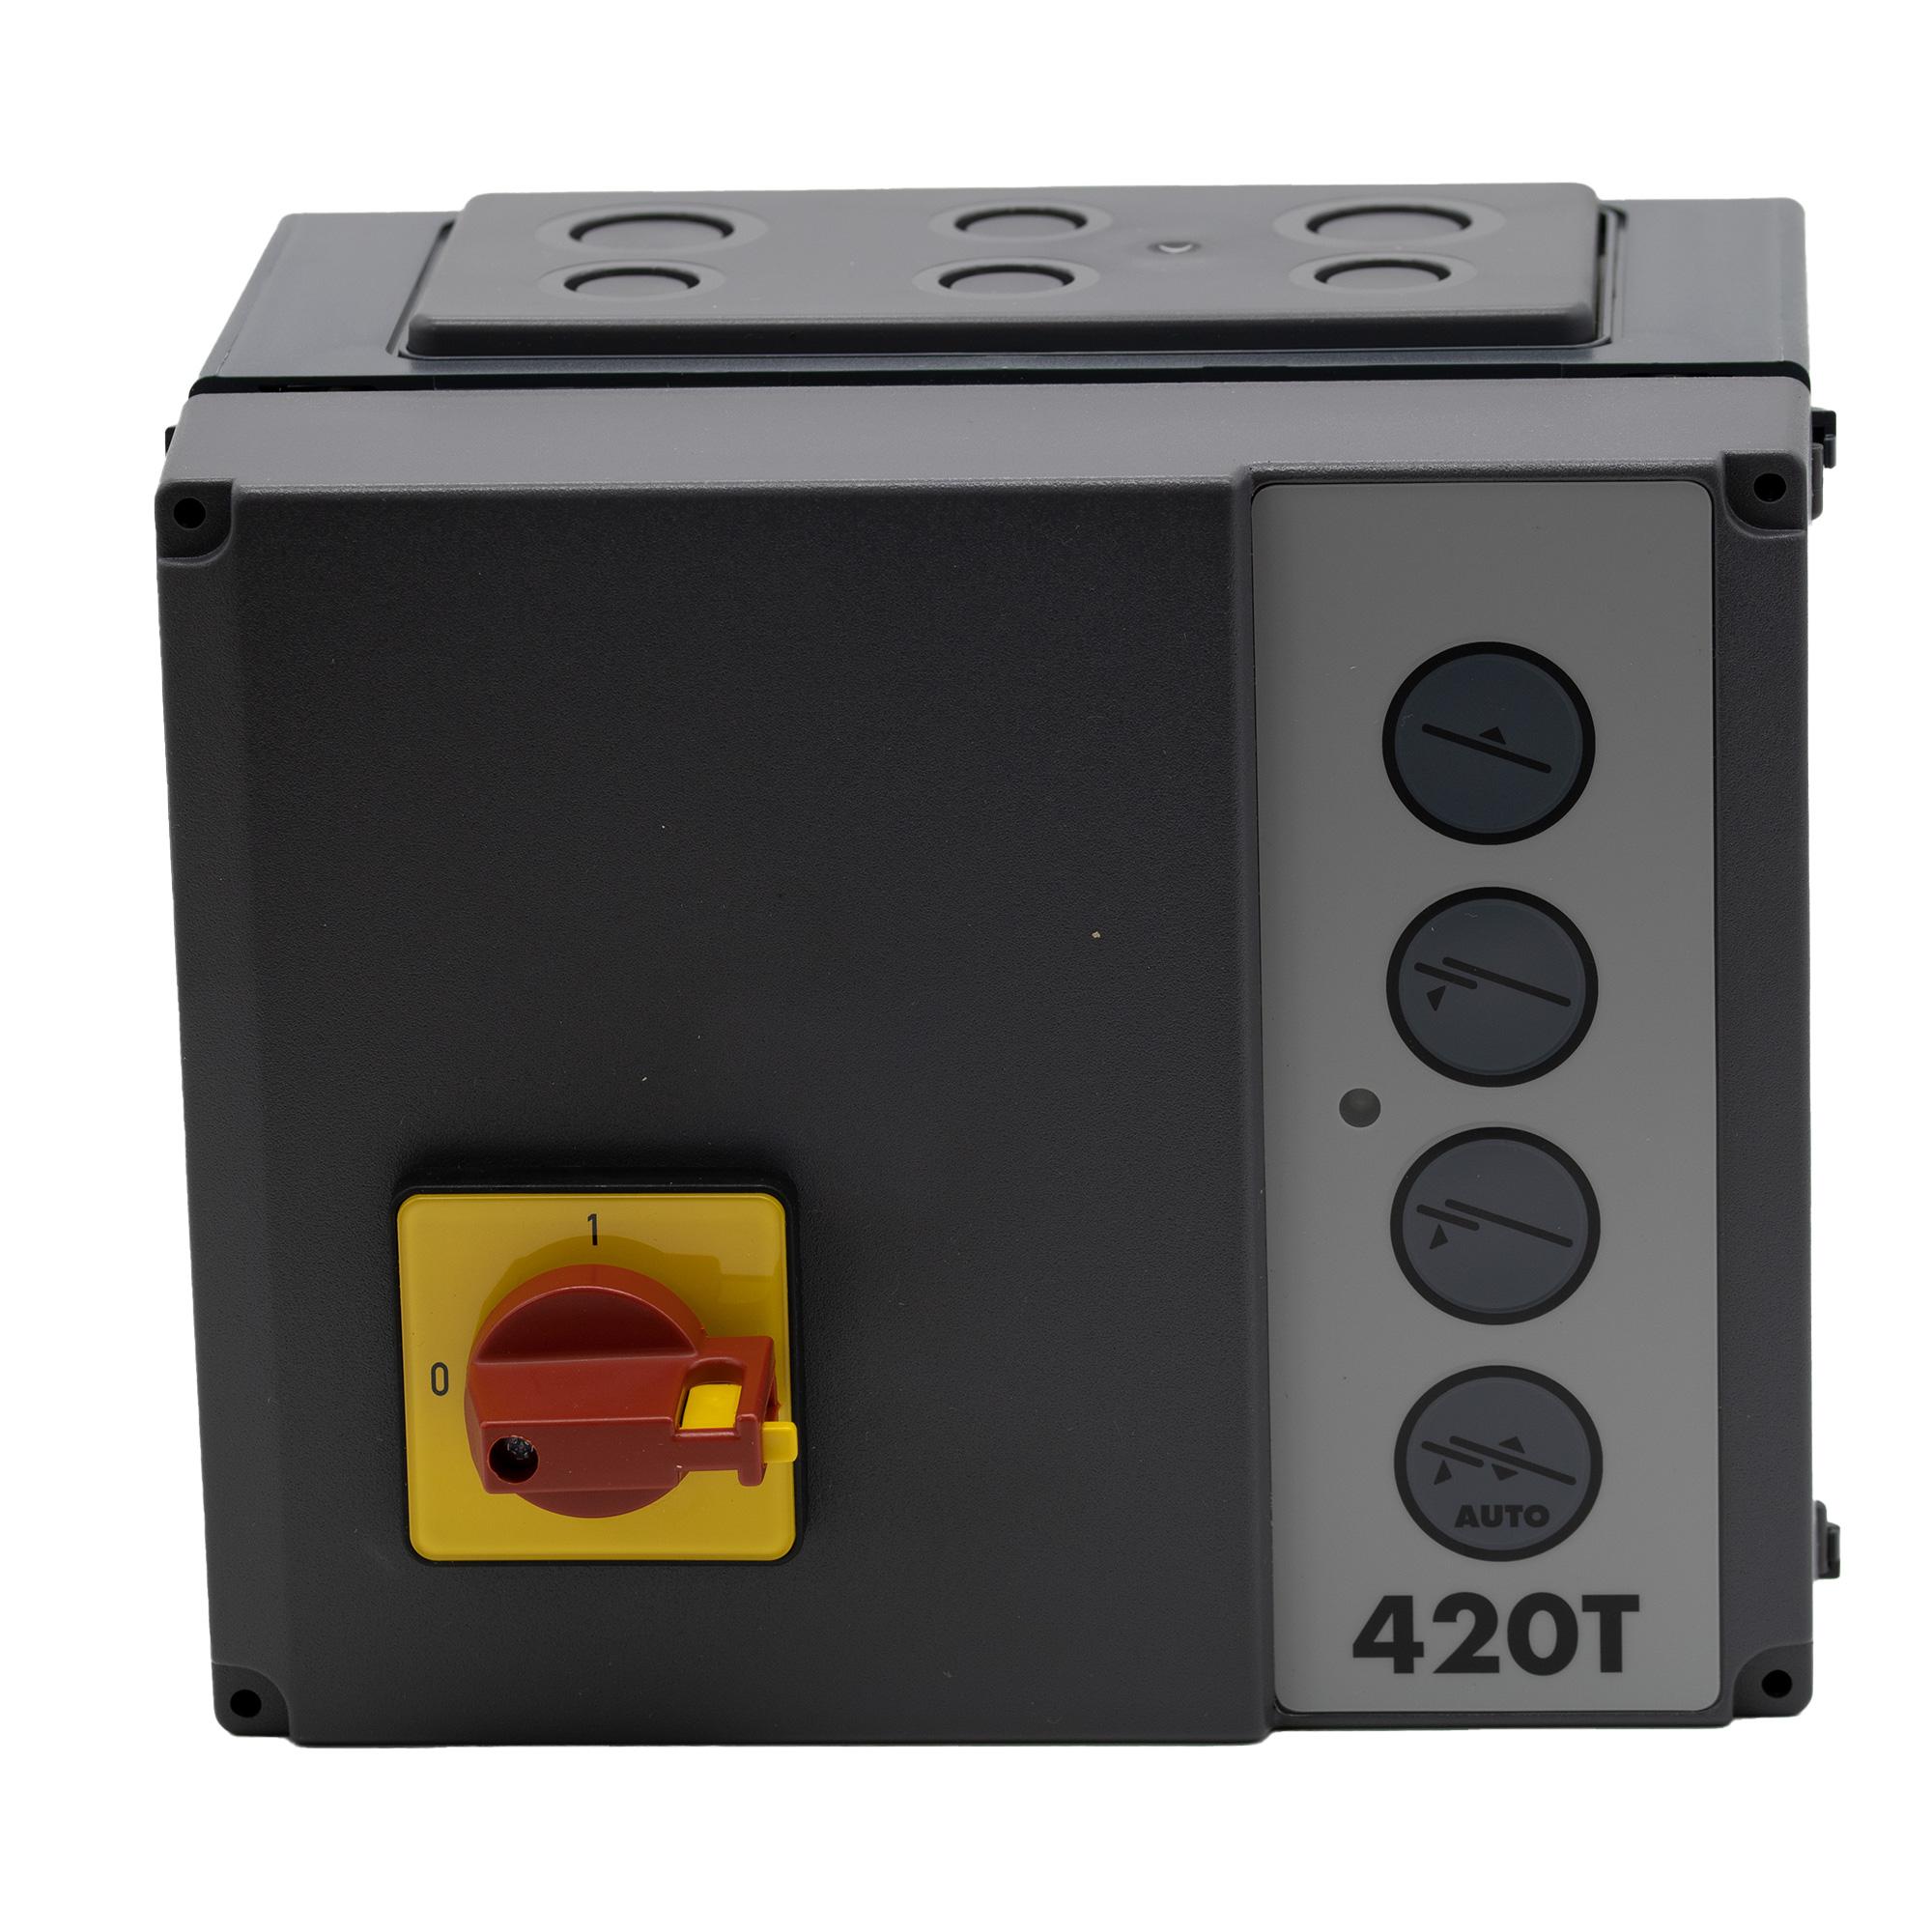 Hörmann Steuerung 420 T energiesparend mit Hauptschalter